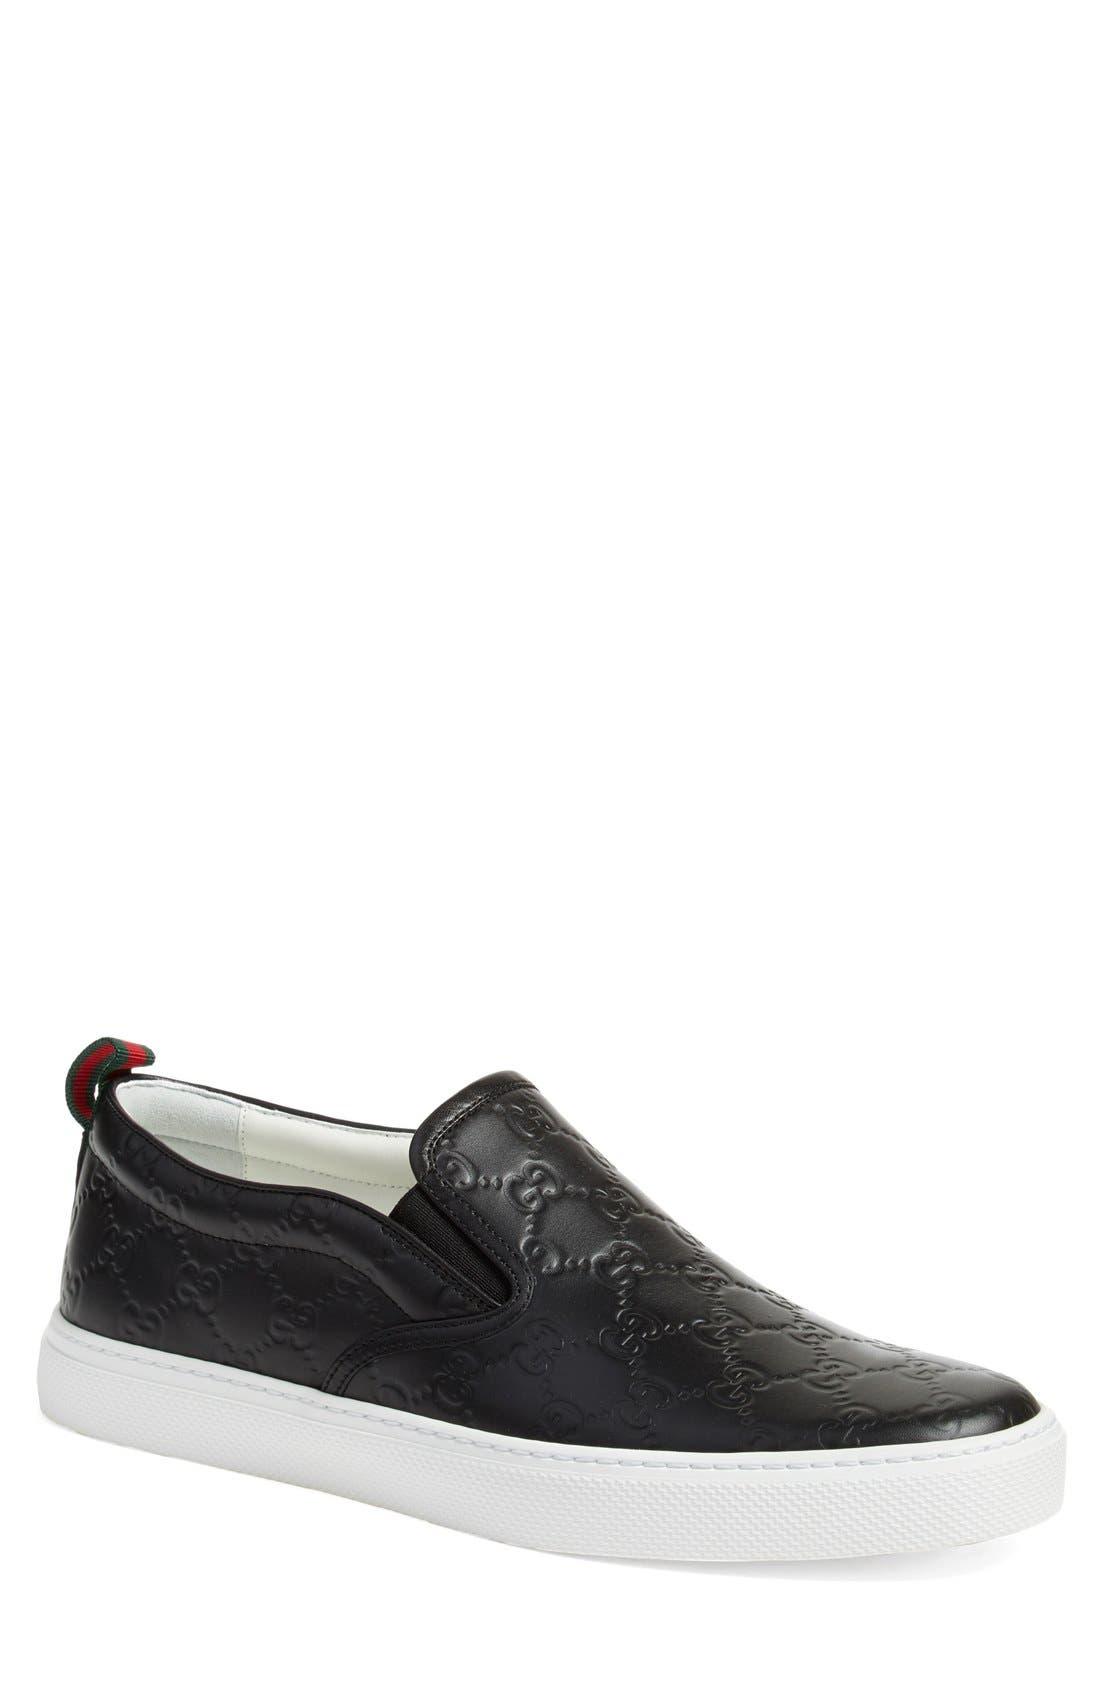 Dublin Slip-On Sneaker,                         Main,                         color, Nero Embossed Leather